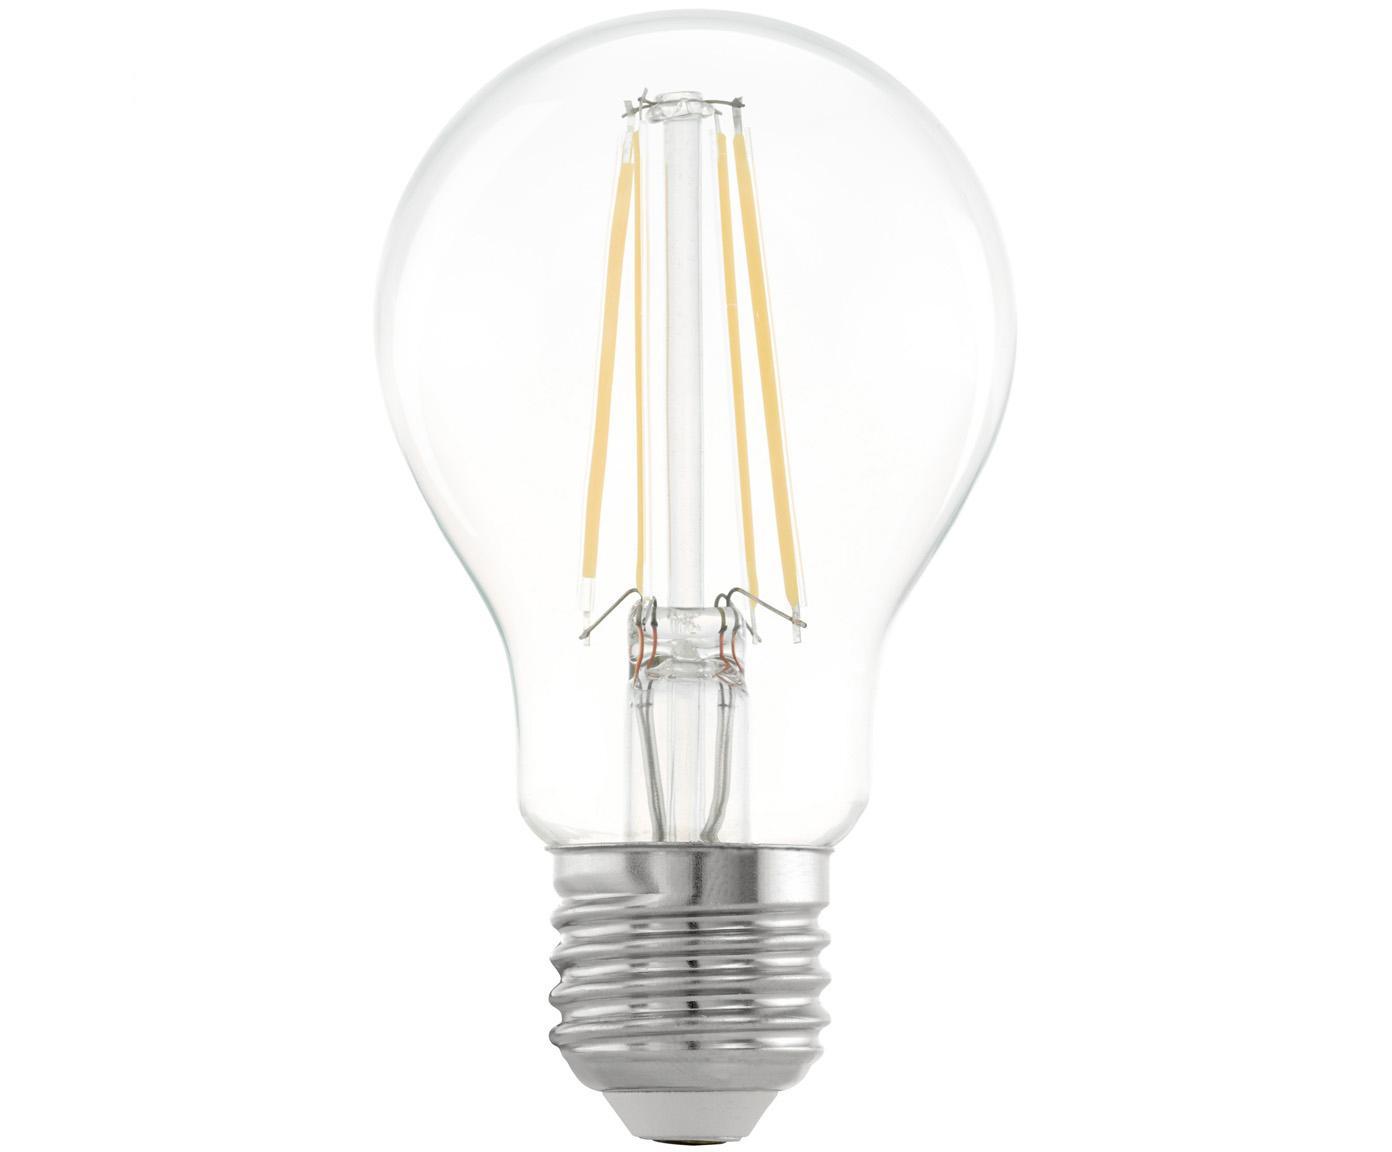 Żarówka LED Cord (E27 / 6W), Transparentny, Ø 6 x W 10 cm